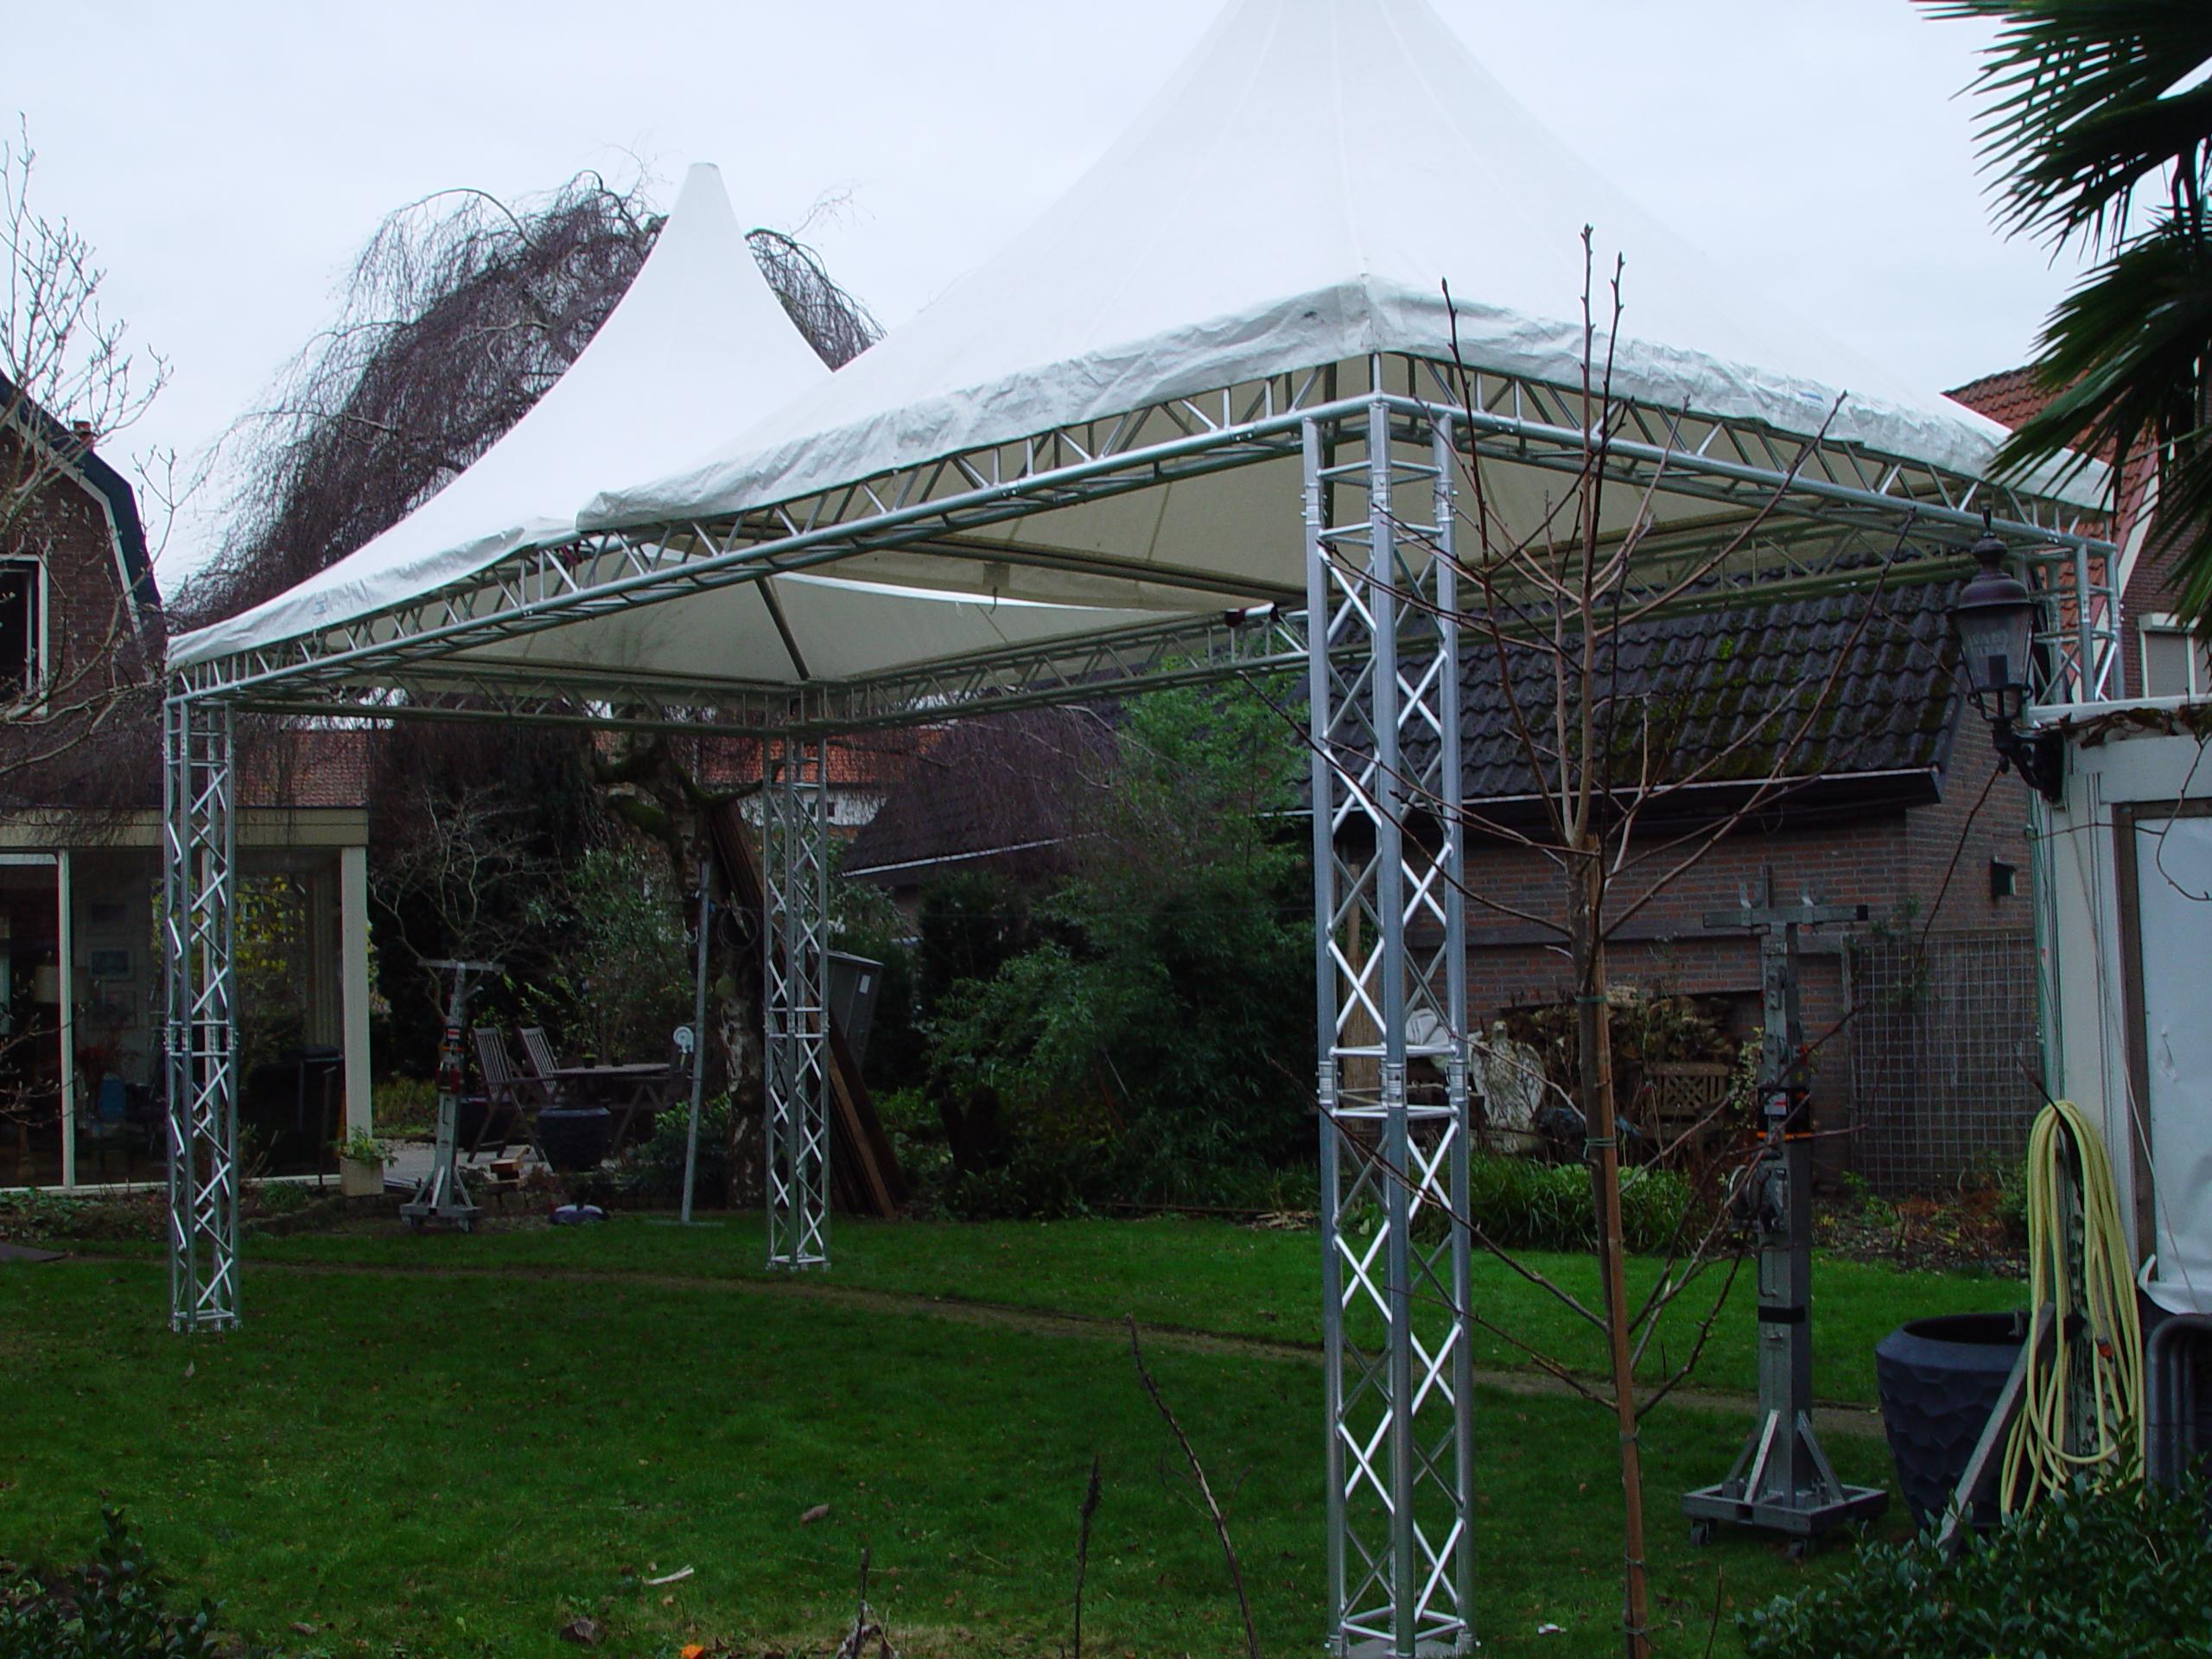 Truss Tent 4x4 en 5x5 meter & Truss Tent u0026 Podia huren - Thijssen Tentenverhuur